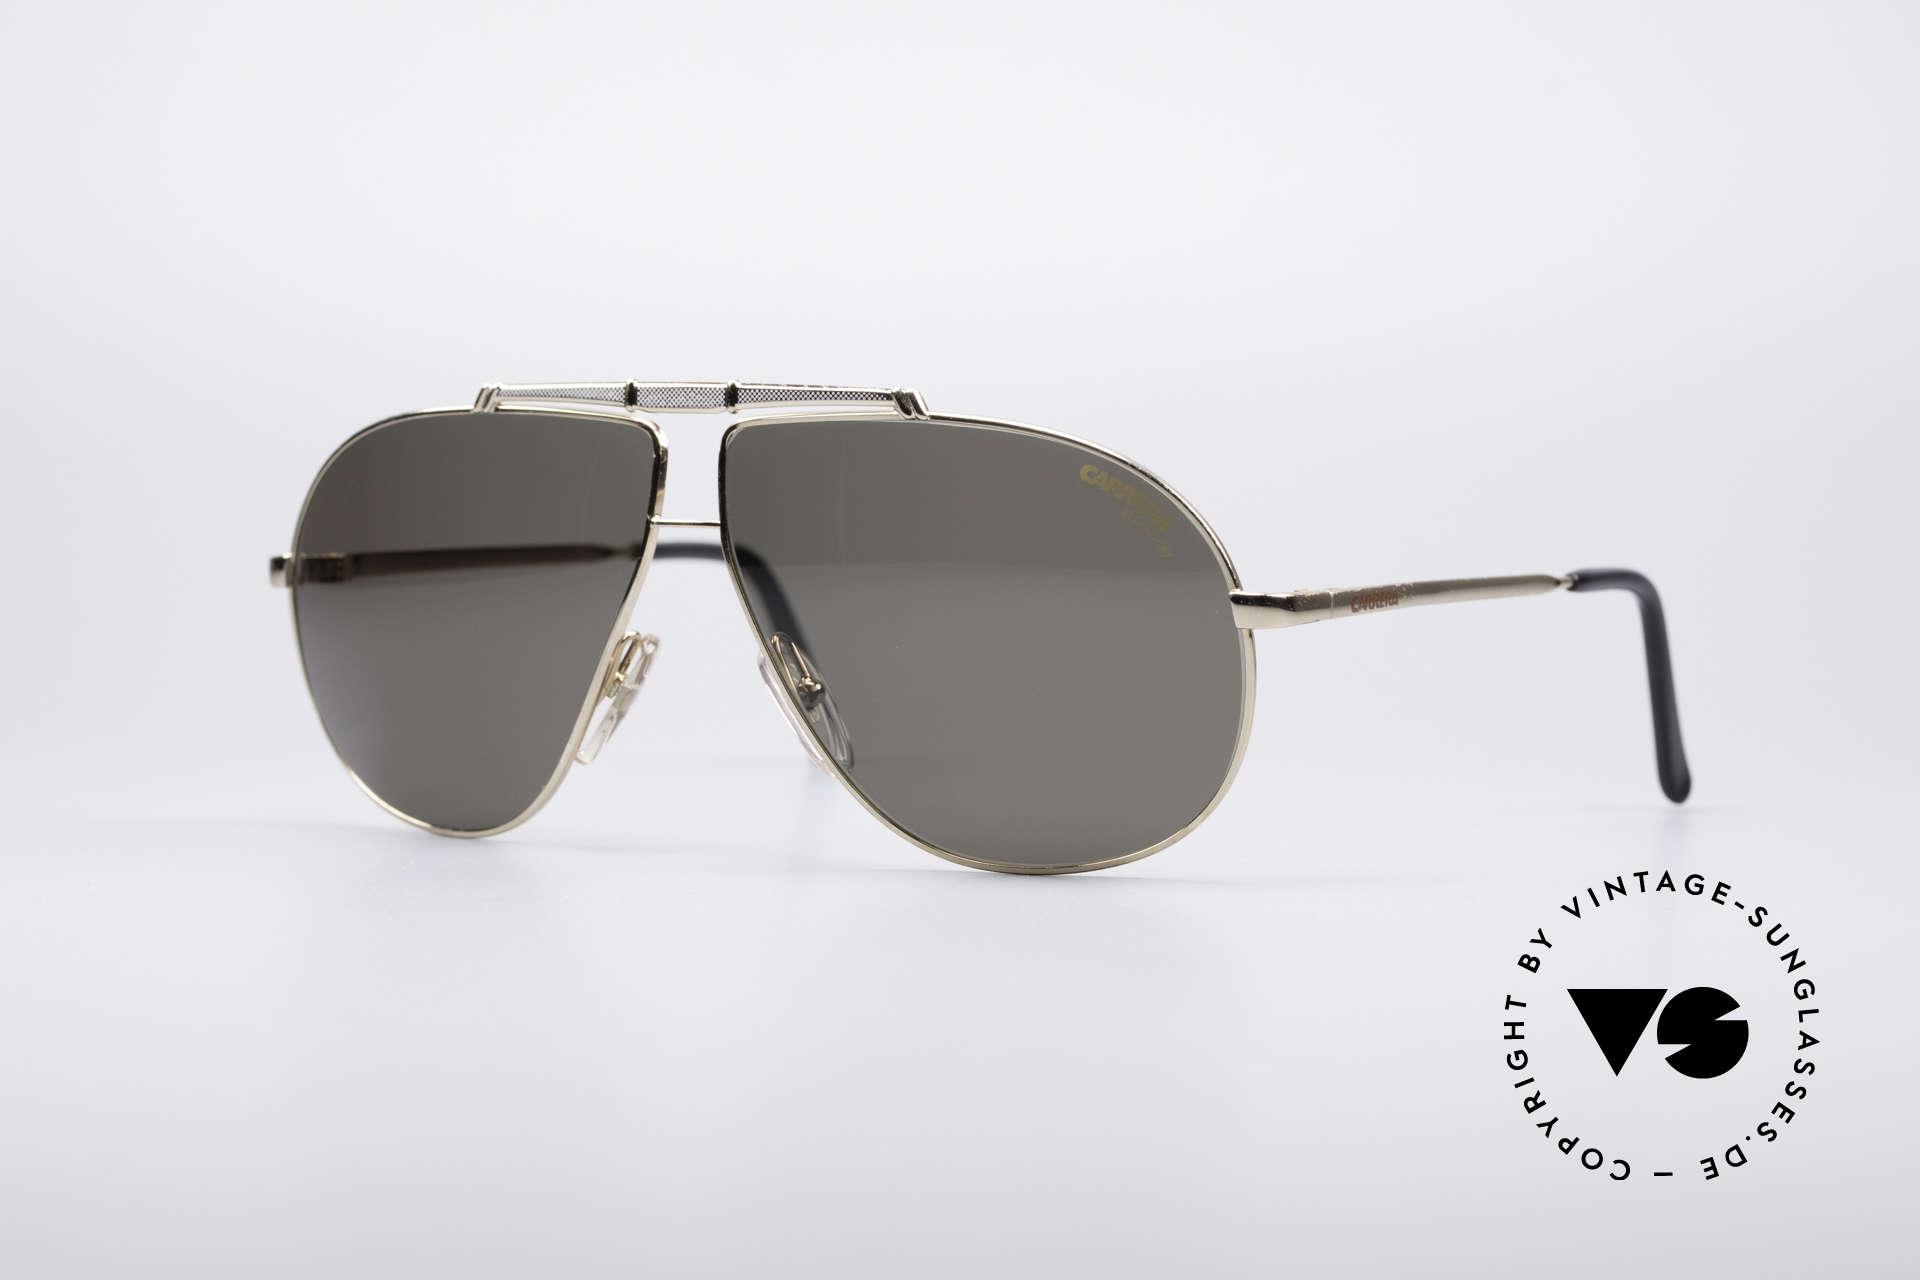 Carrera 5401 80er Pilotensonnenbrille, alte 80er Jahre Carrera Sonnenbrille in Pilotenform, Passend für Herren